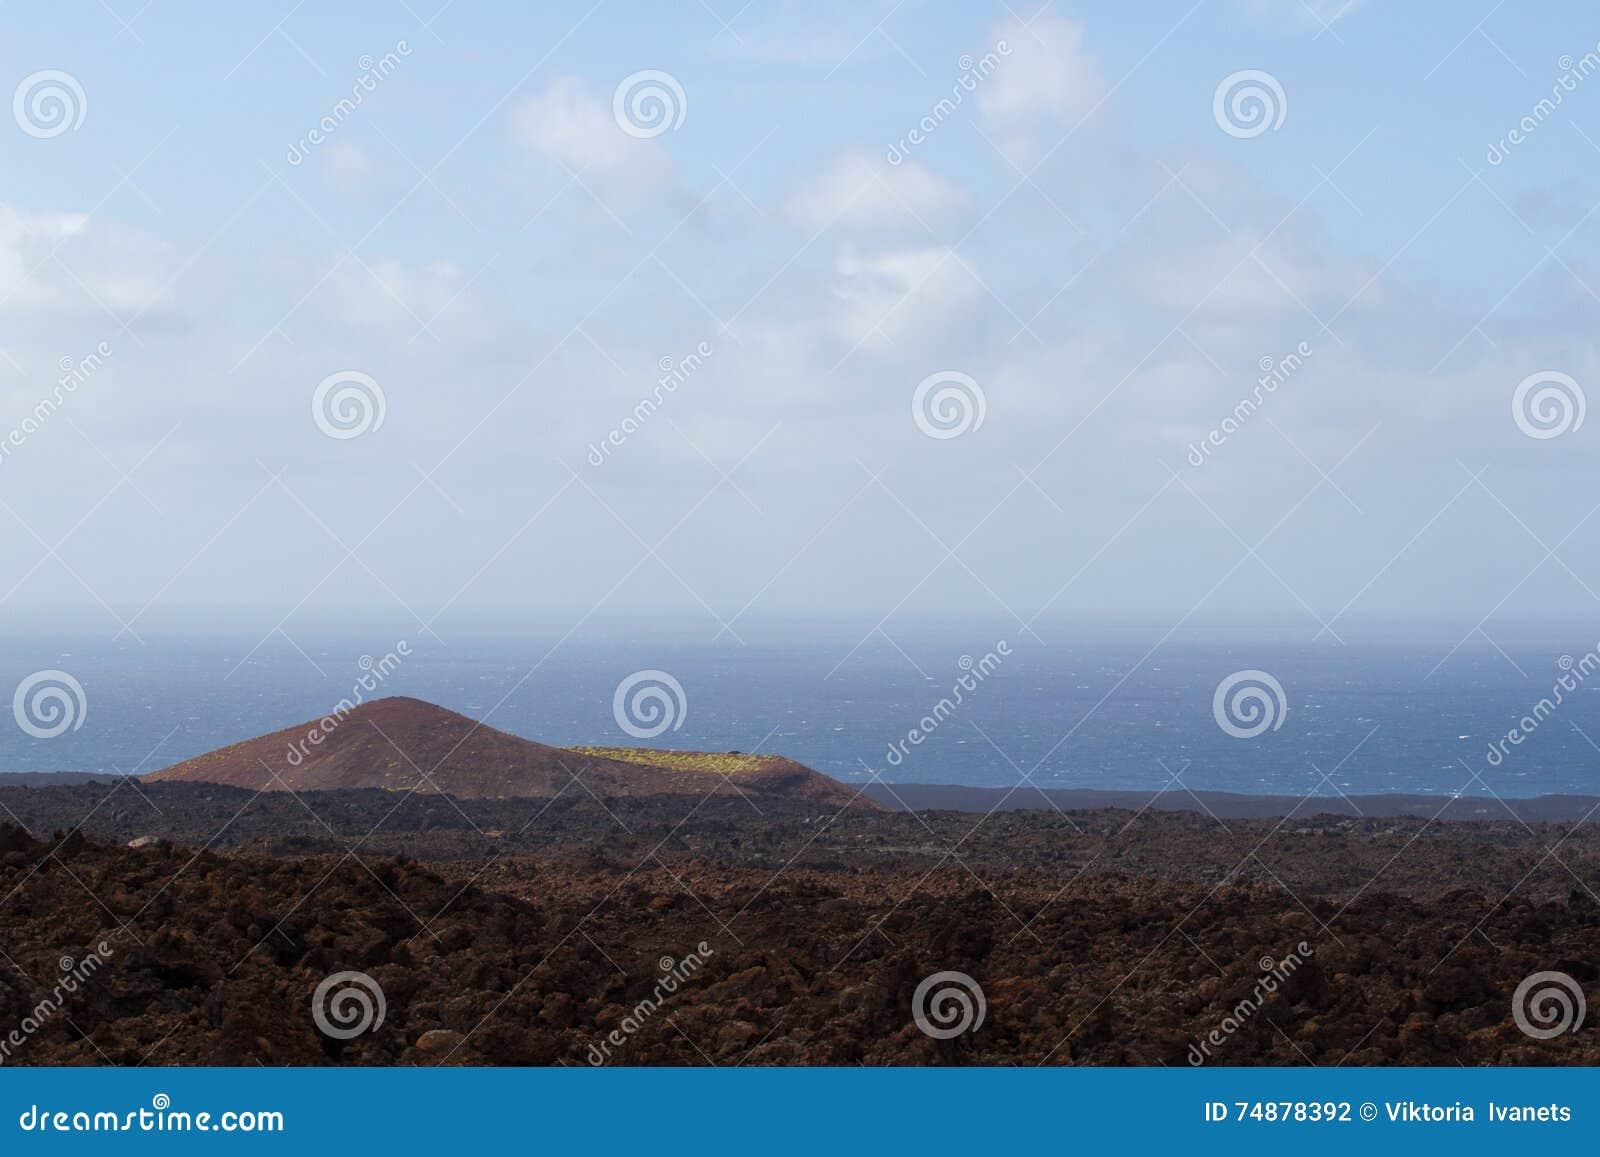 Abandone a paisagem vulcânica de pedra em Lanzarote, Ilhas Canárias